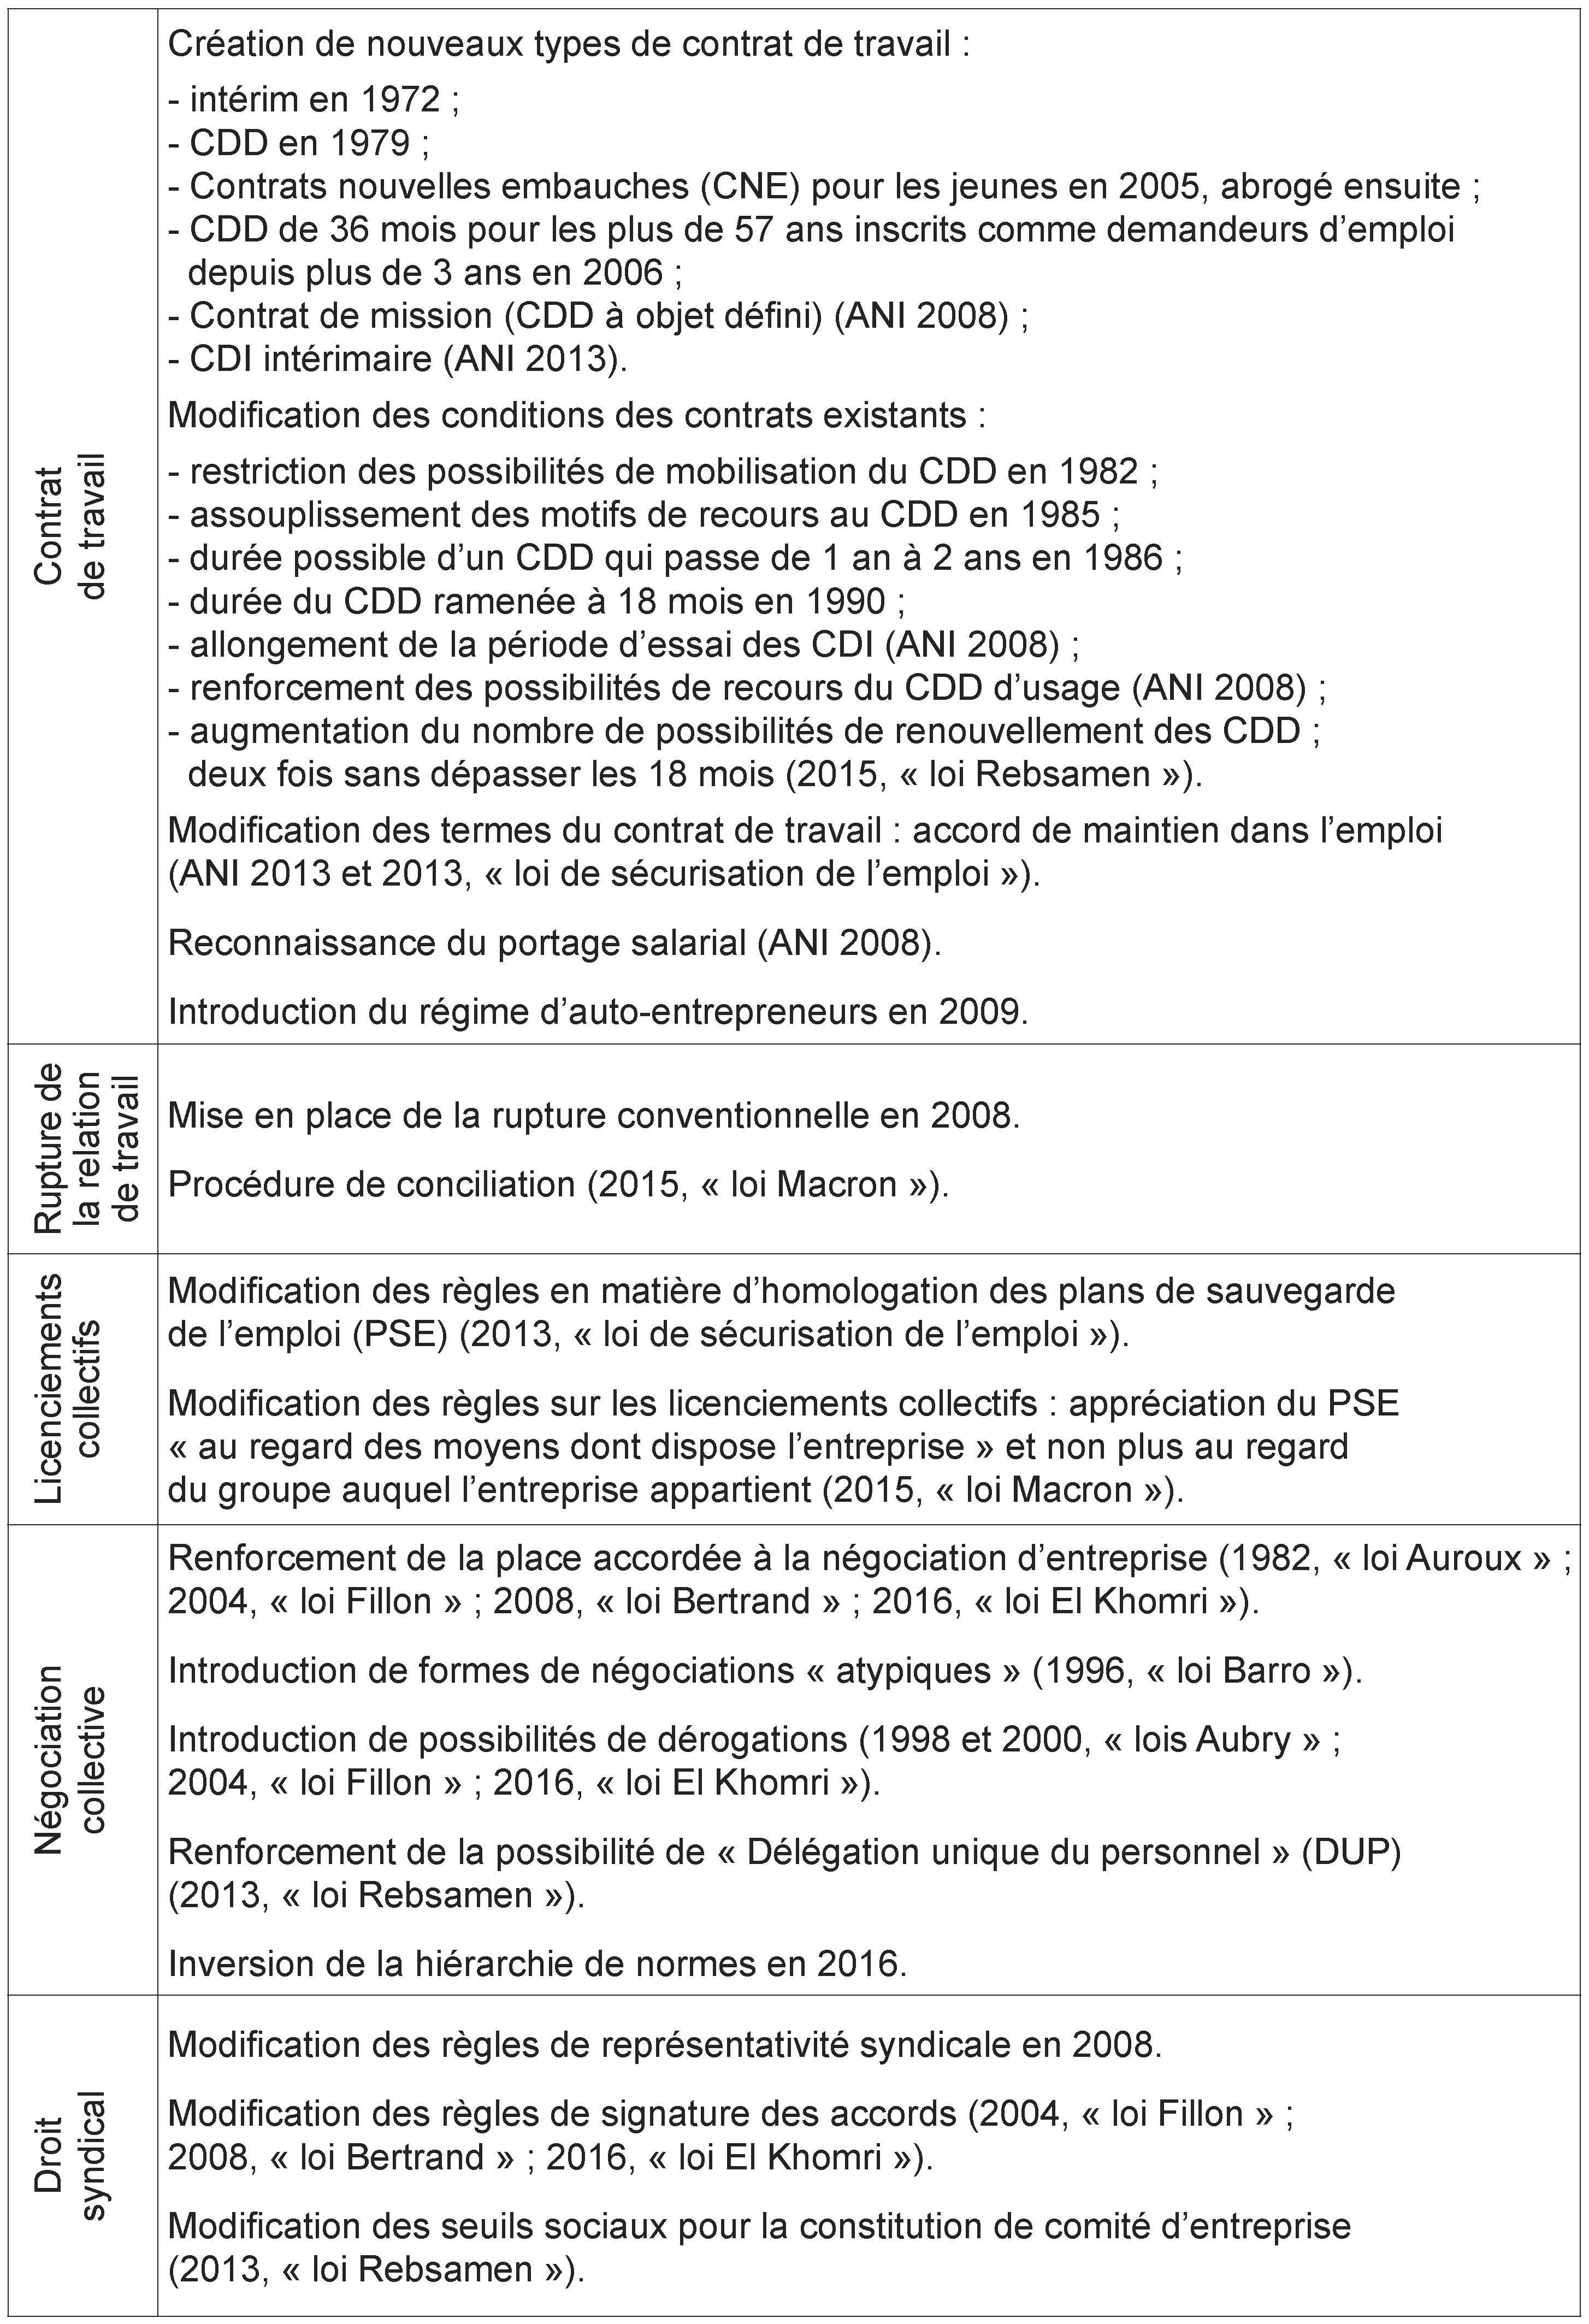 7e43a1f3e09 Réformes de différents aspects du droit du travail menées en France (points  choisis)